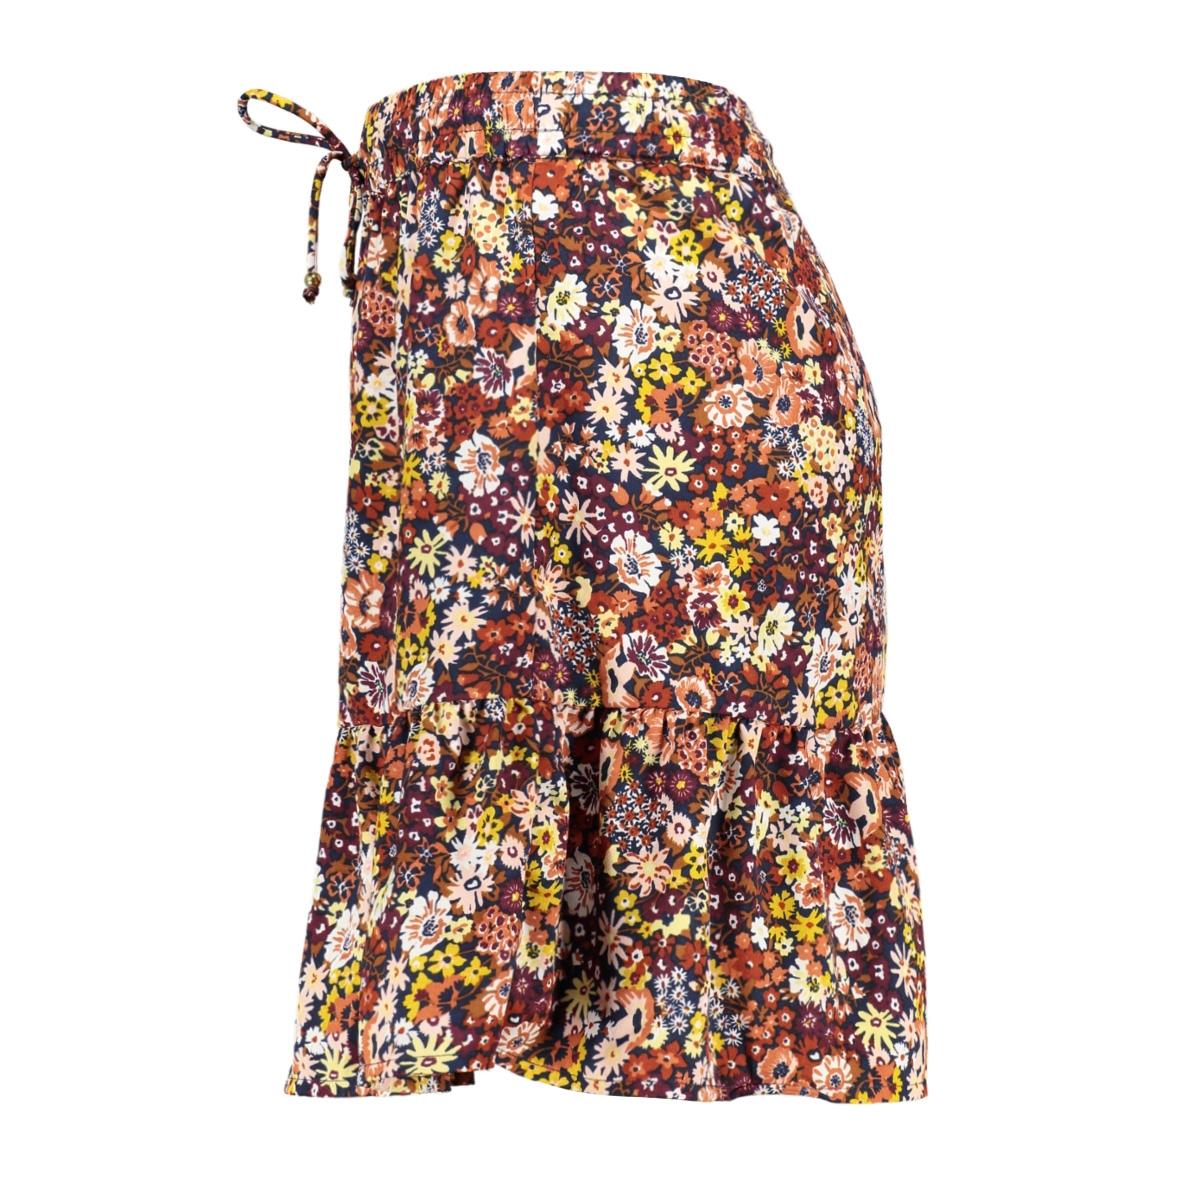 onleula life waist short skirt wvn 15204698 only rok burnt henna/garden dit